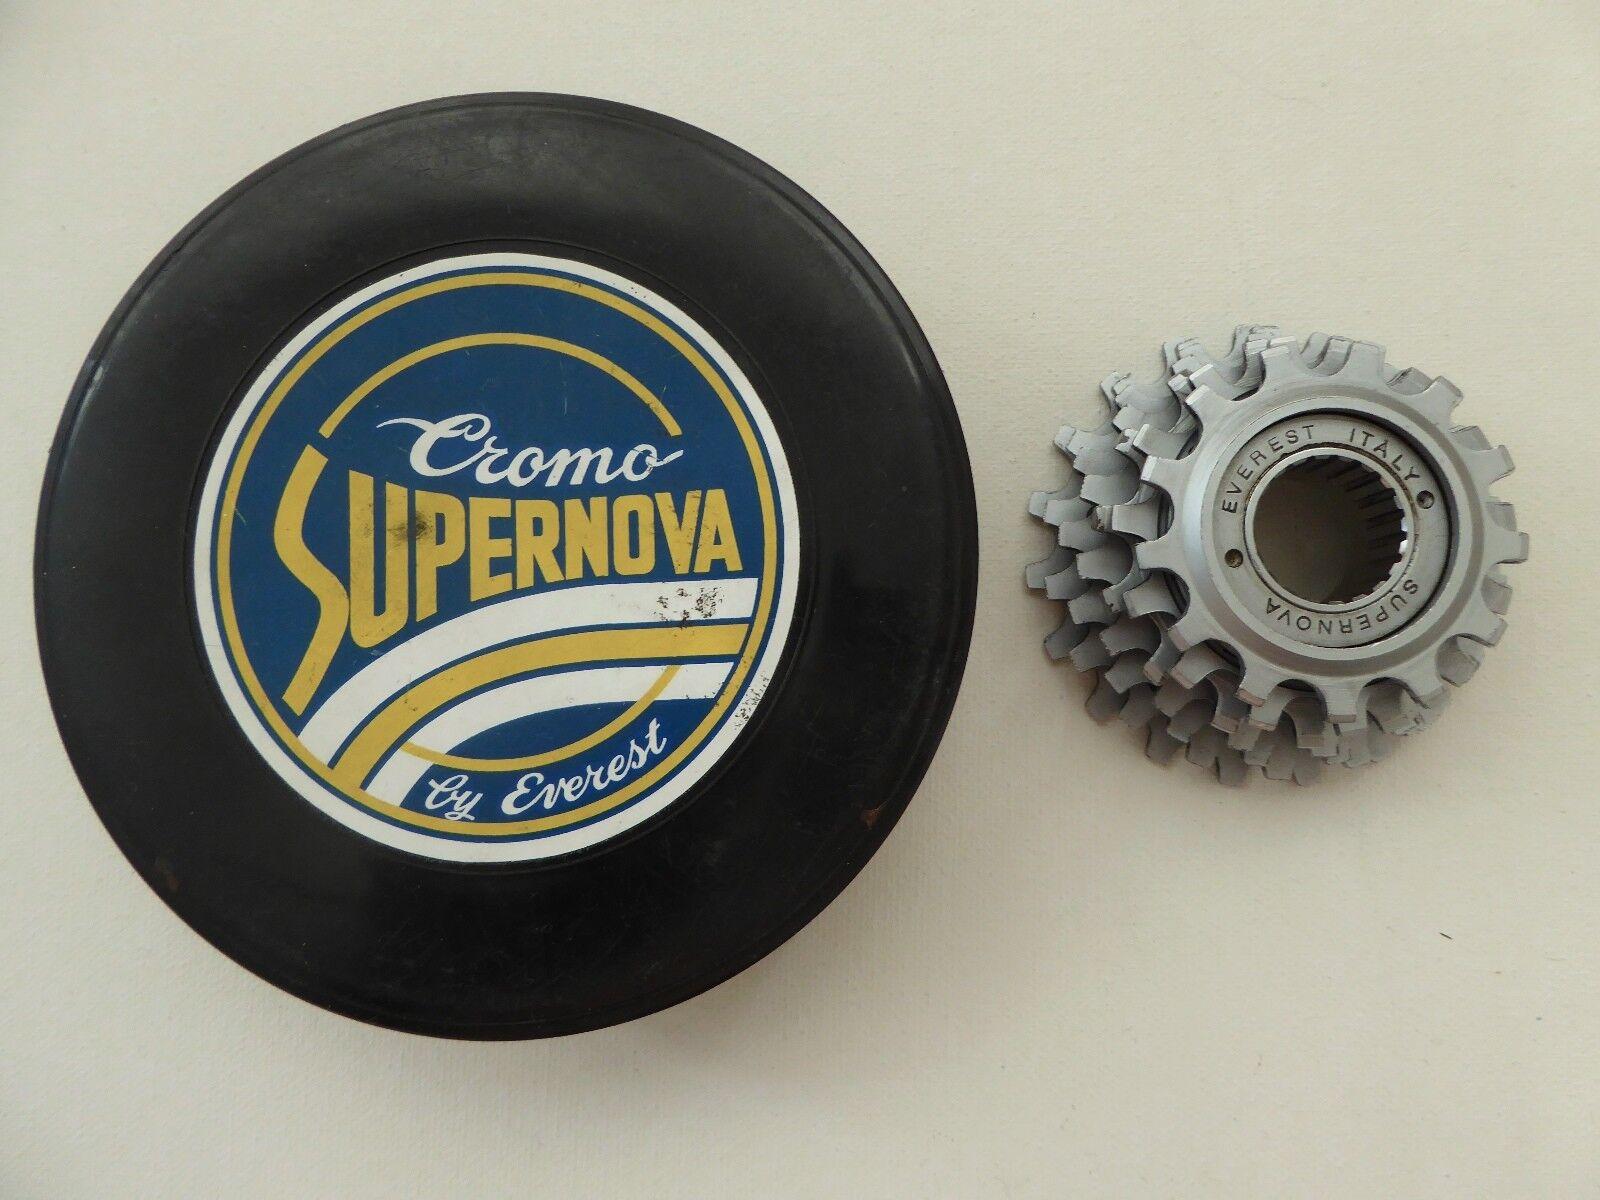 Vintage NOS 80s Everest Supernova 13-21 7 SP rueda libre 4 su viaje vintage